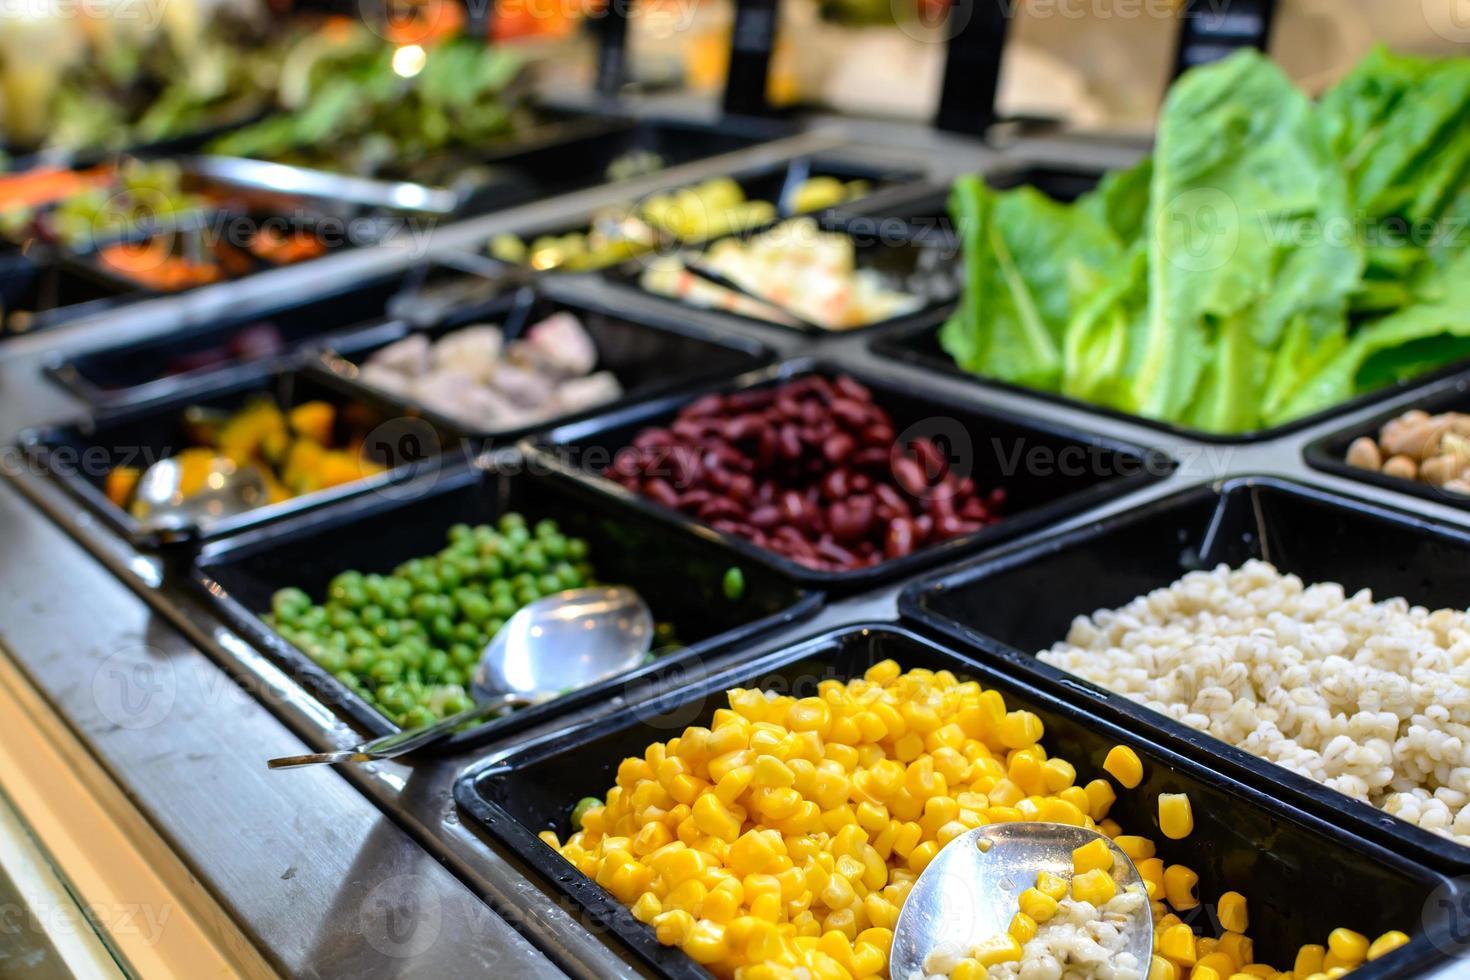 bar à salade en supermarché photo